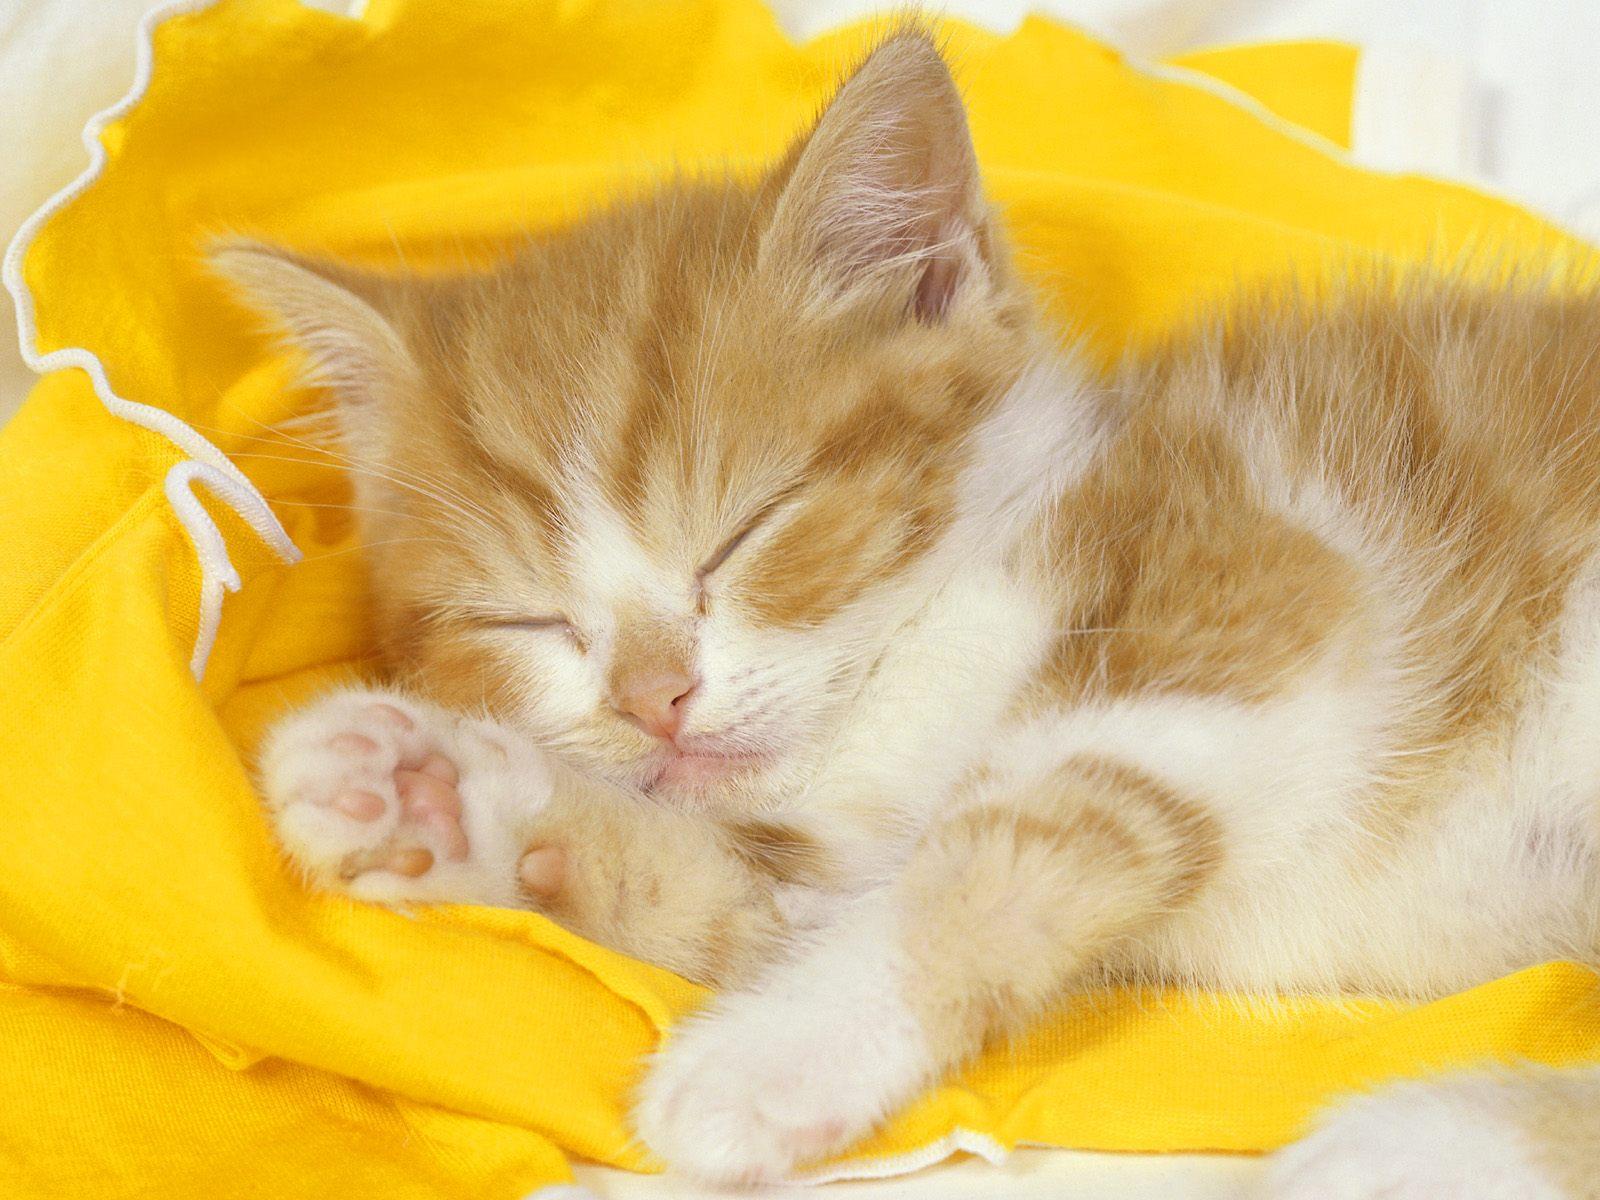 القطط تنام